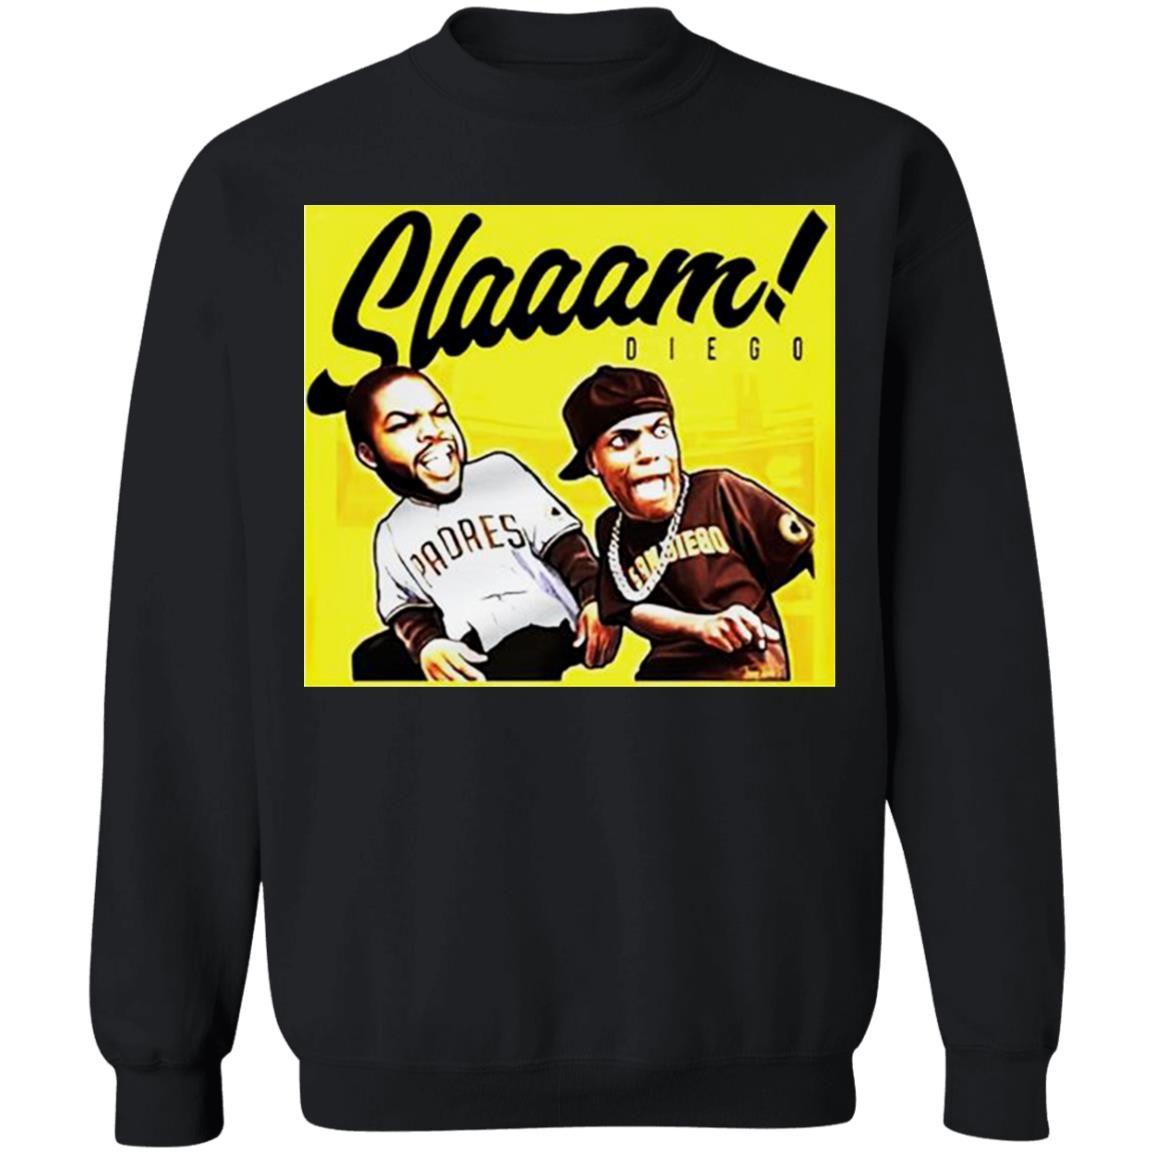 Damn meme Slam Diego shirt